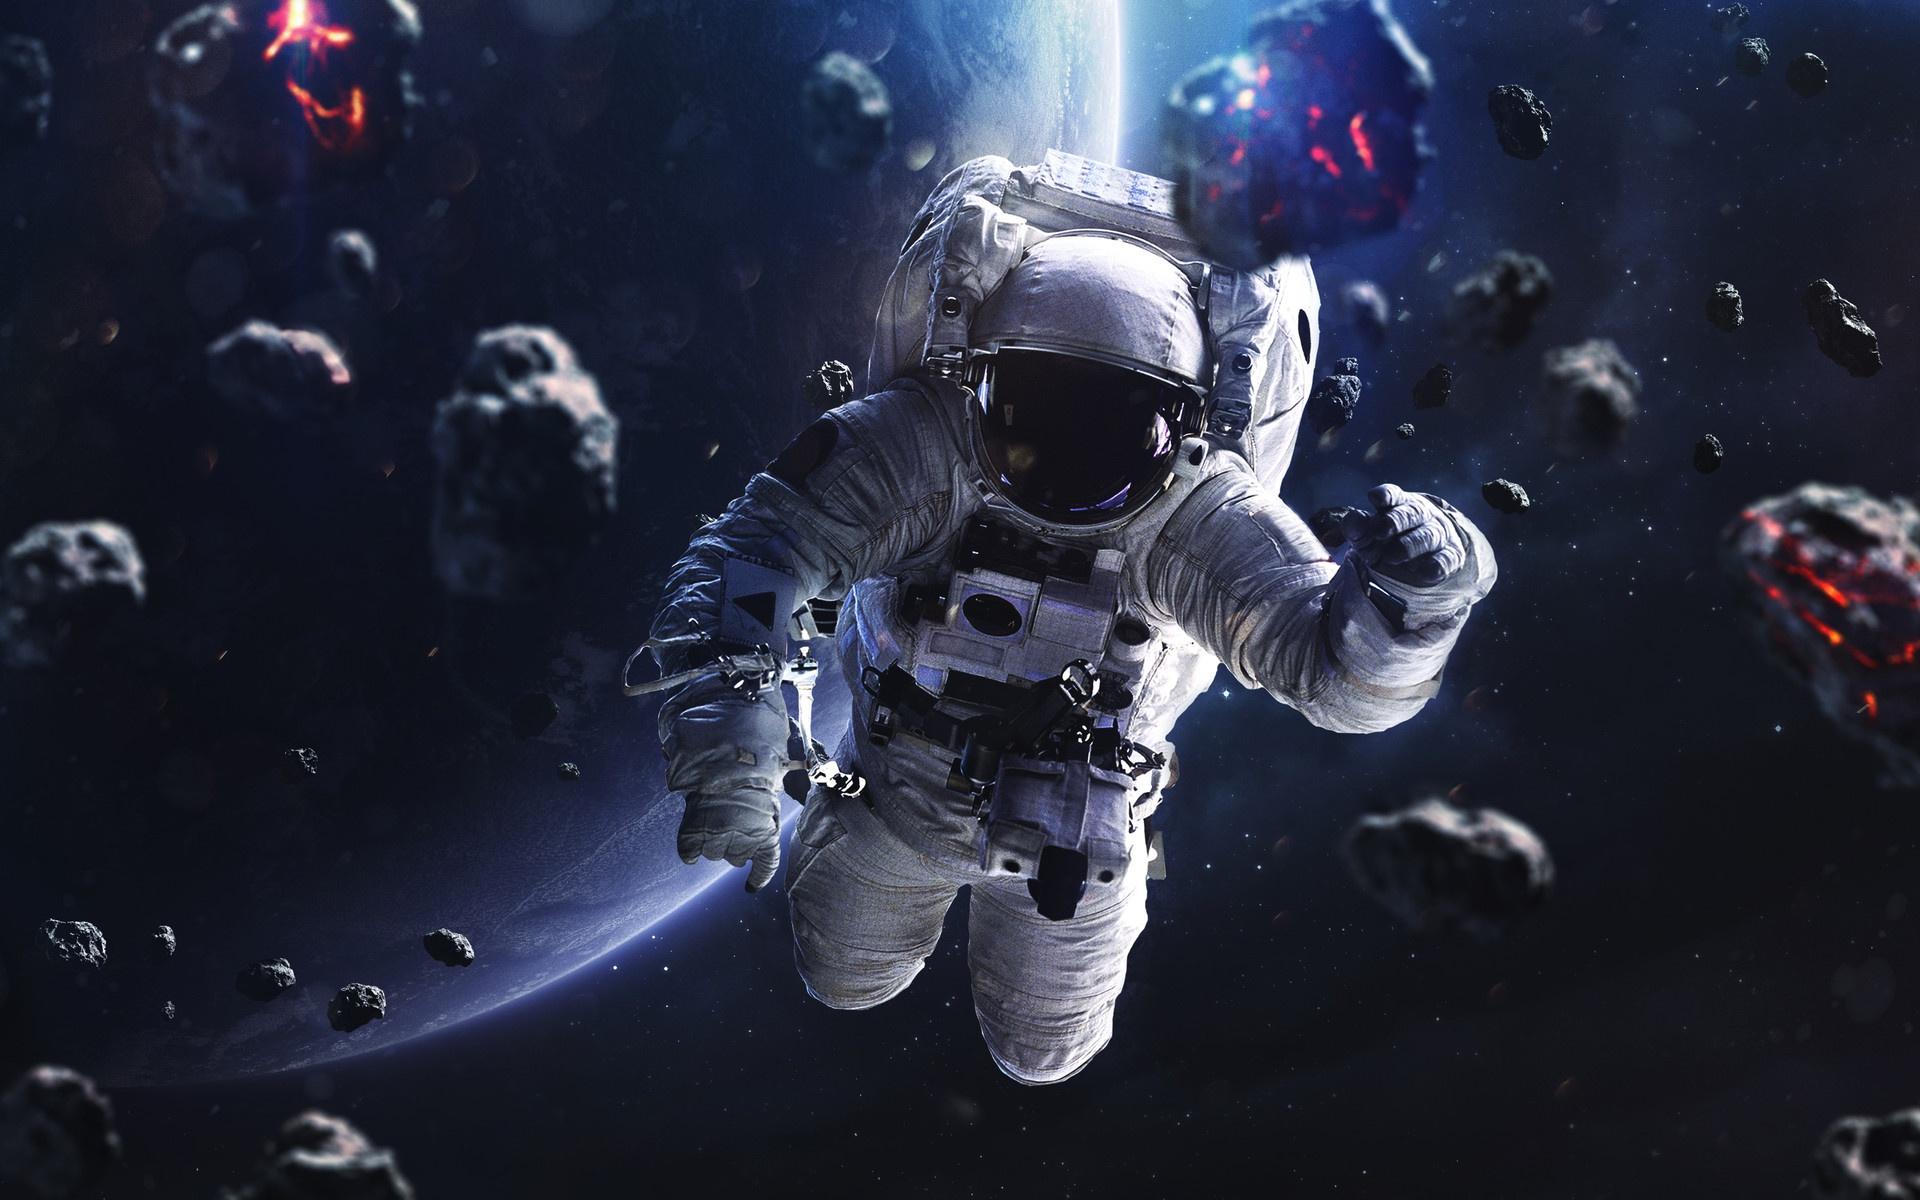 фото космонавта в космосе на рабочий стол грудь